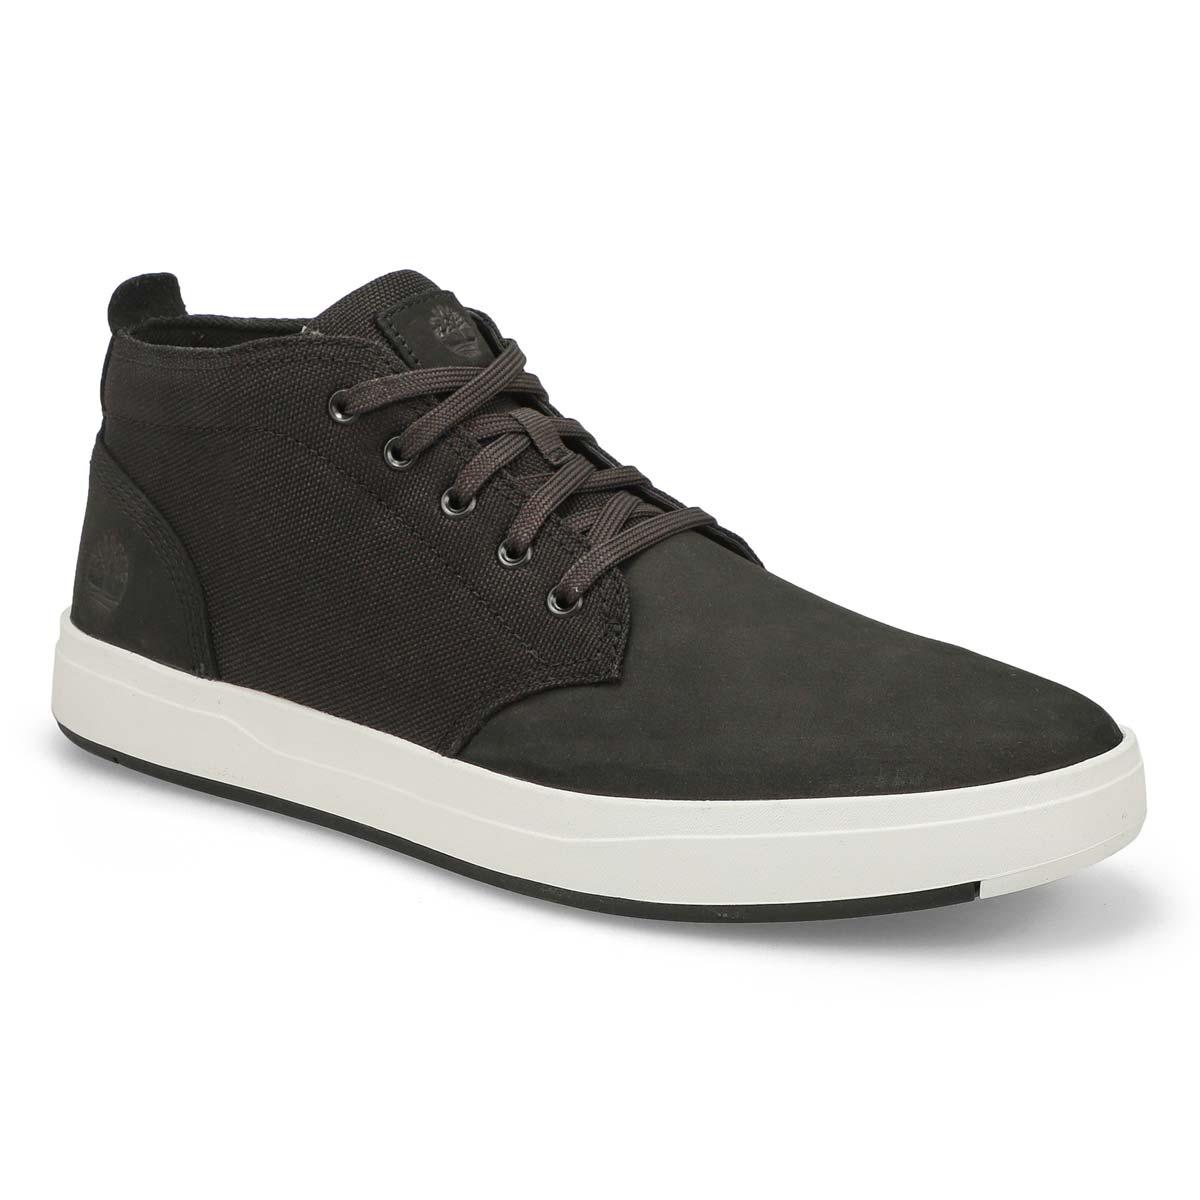 Men's Davis Square Chukka Boot - Black/White